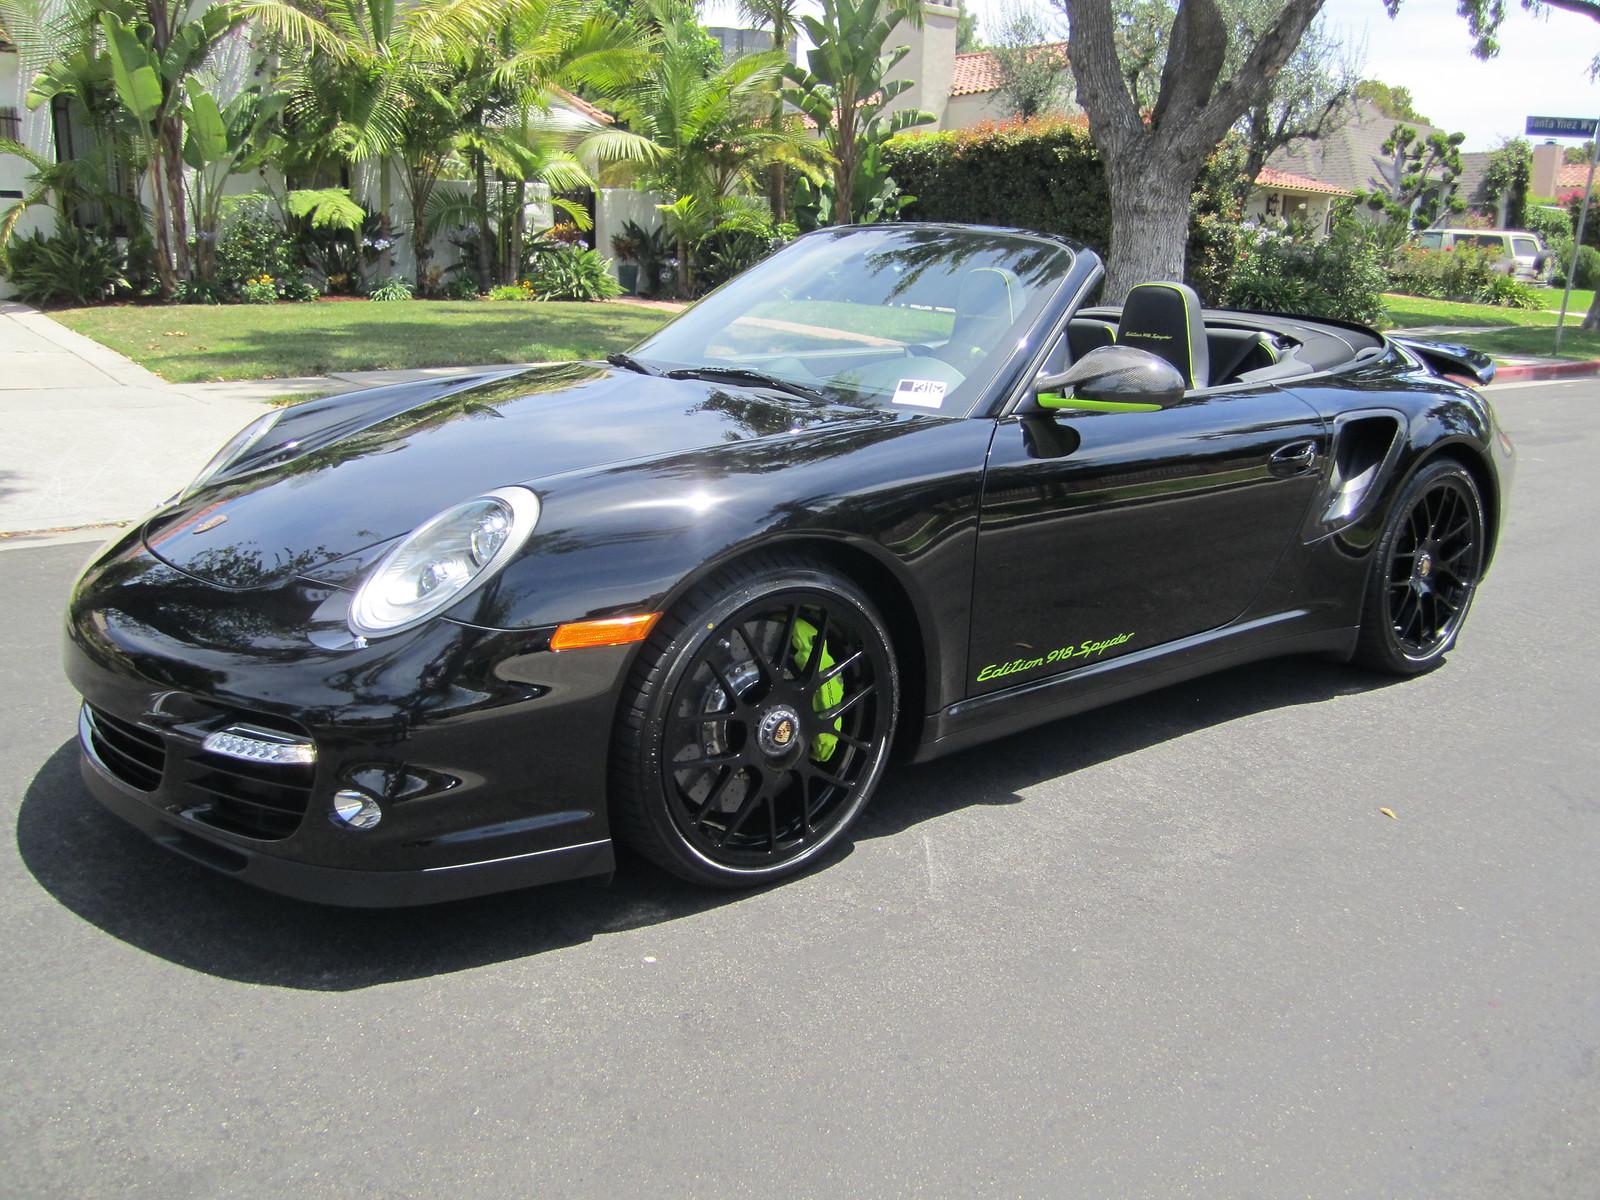 7545123530_2b7ff2007d_h Gorgeous Porsche 918 Spyder Acid Green Cars Trend